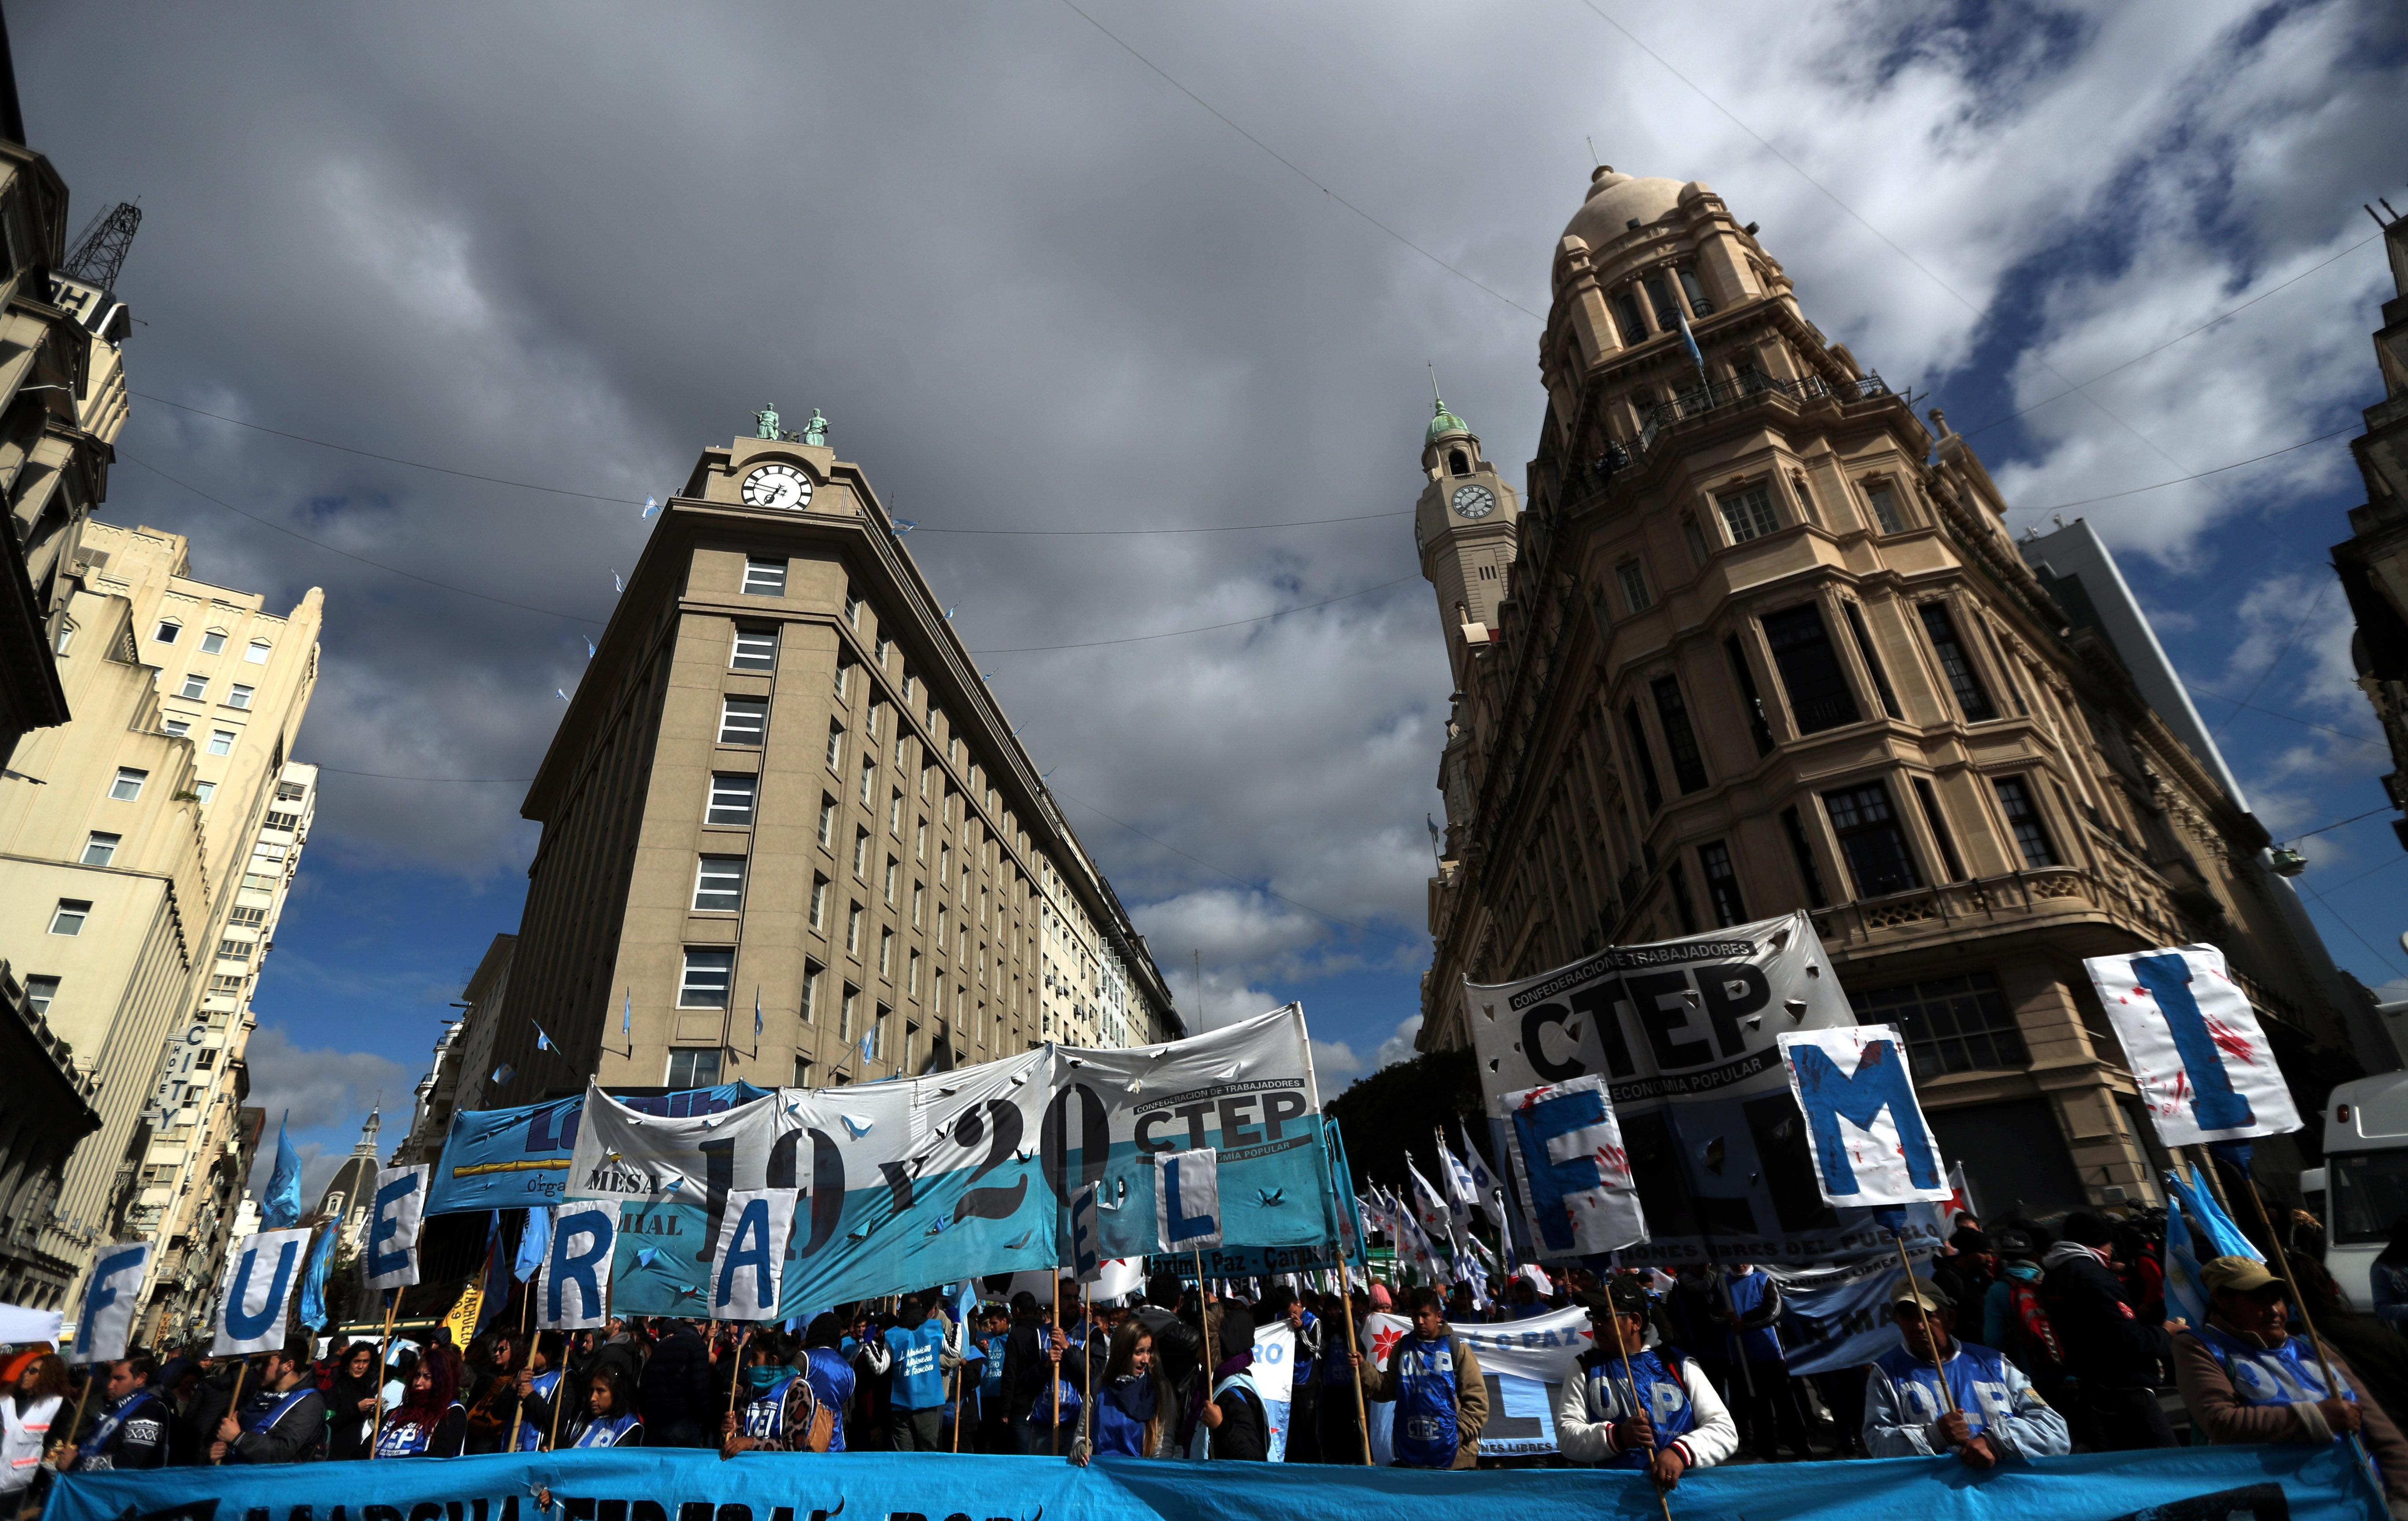 Αργεντινή: Γενική απεργία κατά της οικονομικής πολιτικής του προέδρου Μάκρι και του